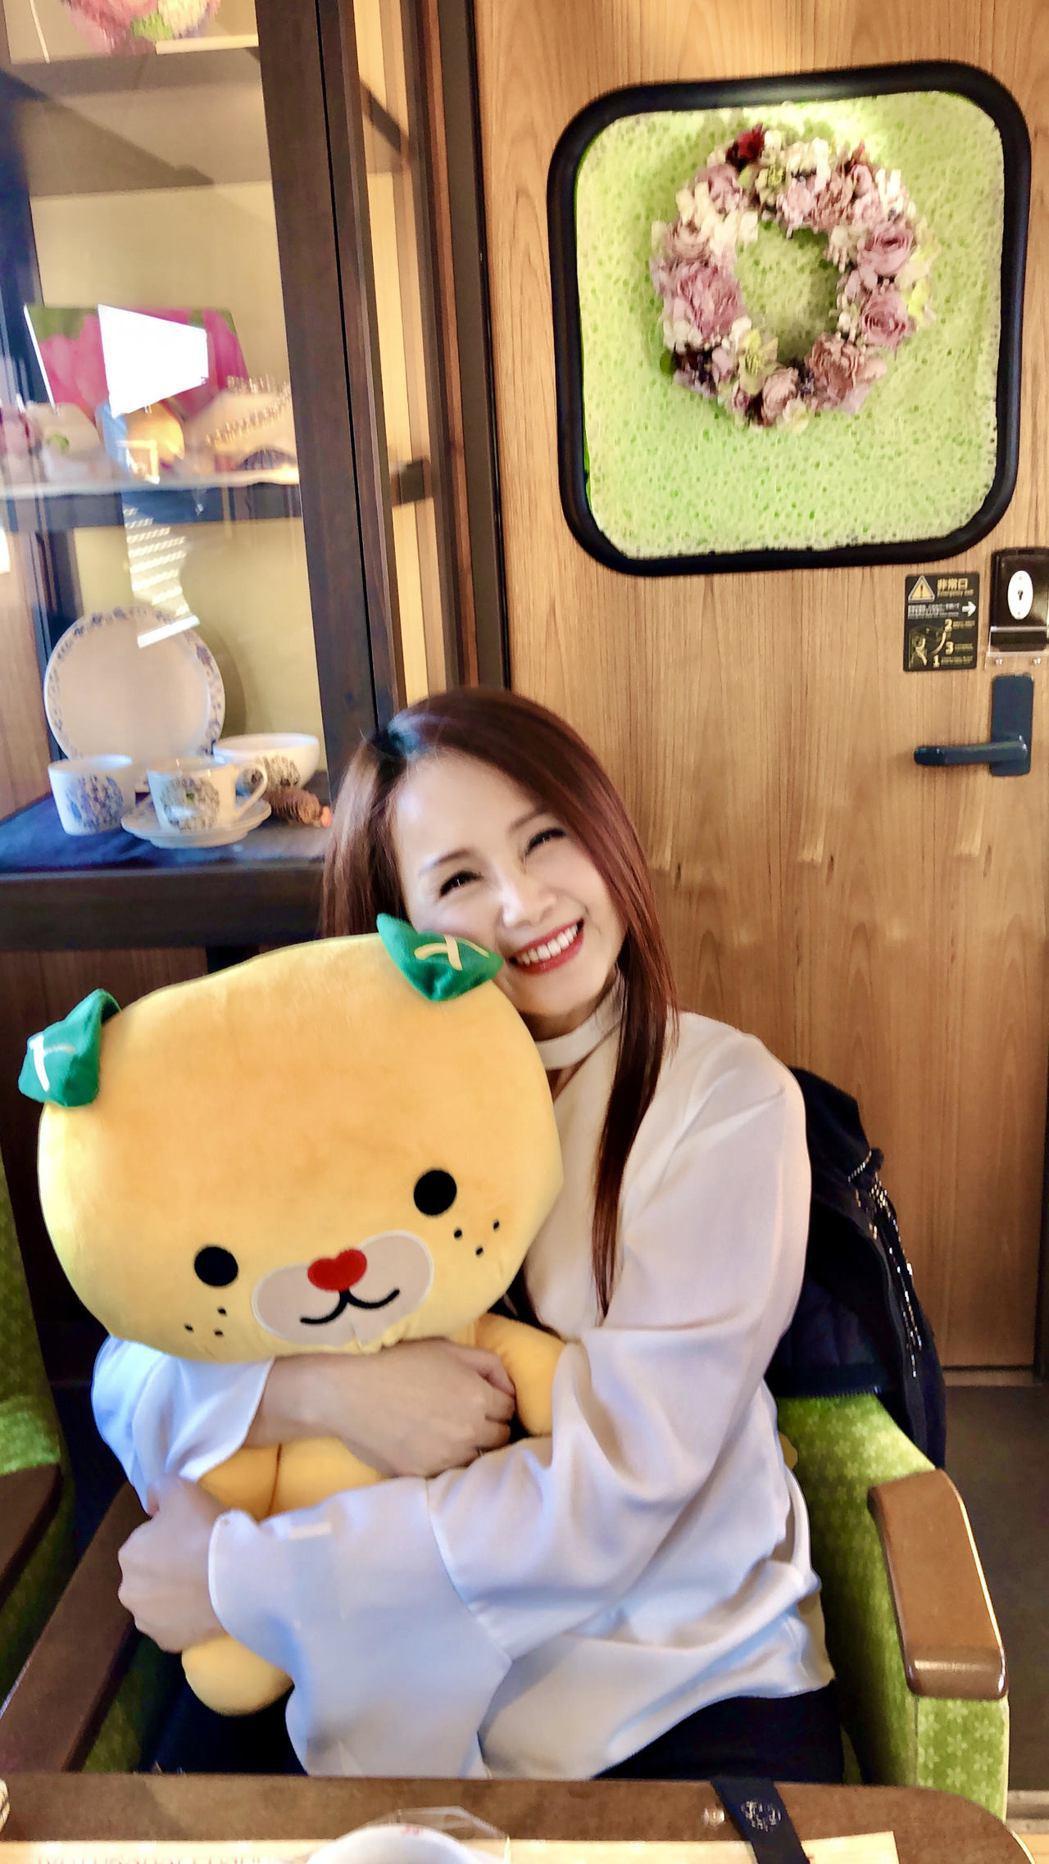 包偉銘特別為劉依純準備的布娃娃,讓她笑得宛如少女。圖/翰森娛樂提供